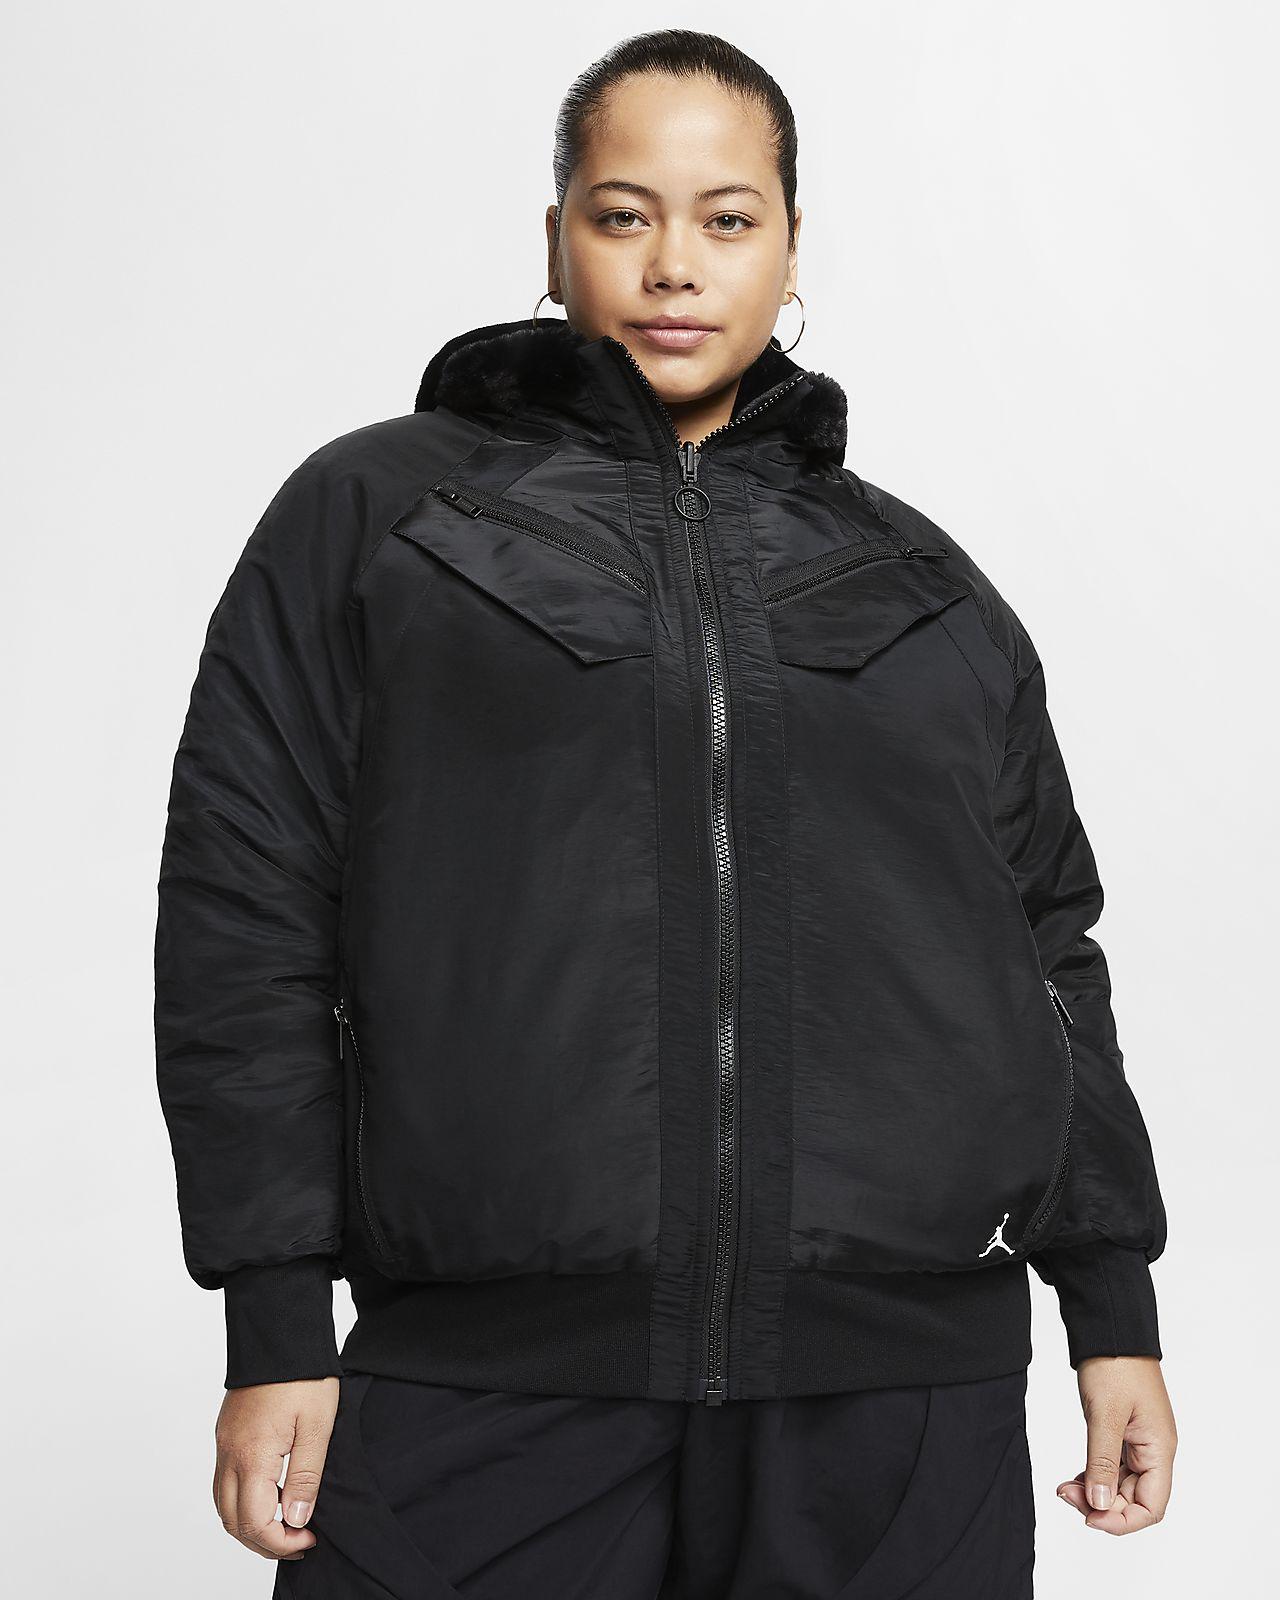 Vendbar Jordan bomberjakke til kvinder (Plus Size). Nike DK